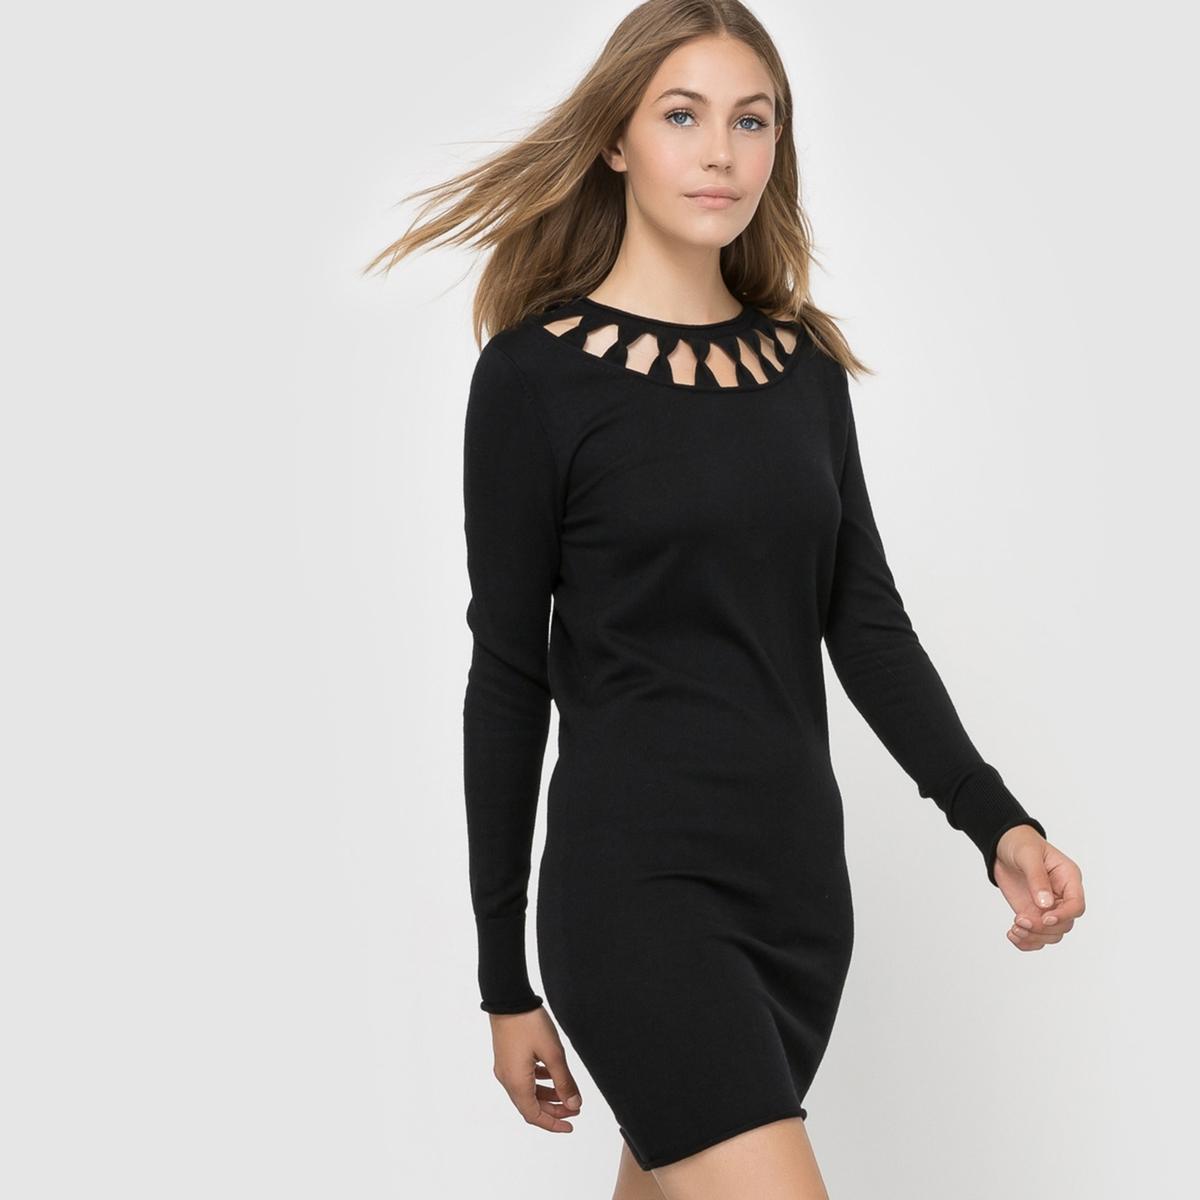 Платье трикотажное с ажурным вырезомСостав и описание : Материал : 45% вискозы, 26% полиамида, 19% хлопка, 10% шерстиМарка : French ConnectionДлинные рукава.<br><br>Цвет: черный<br>Размер: L